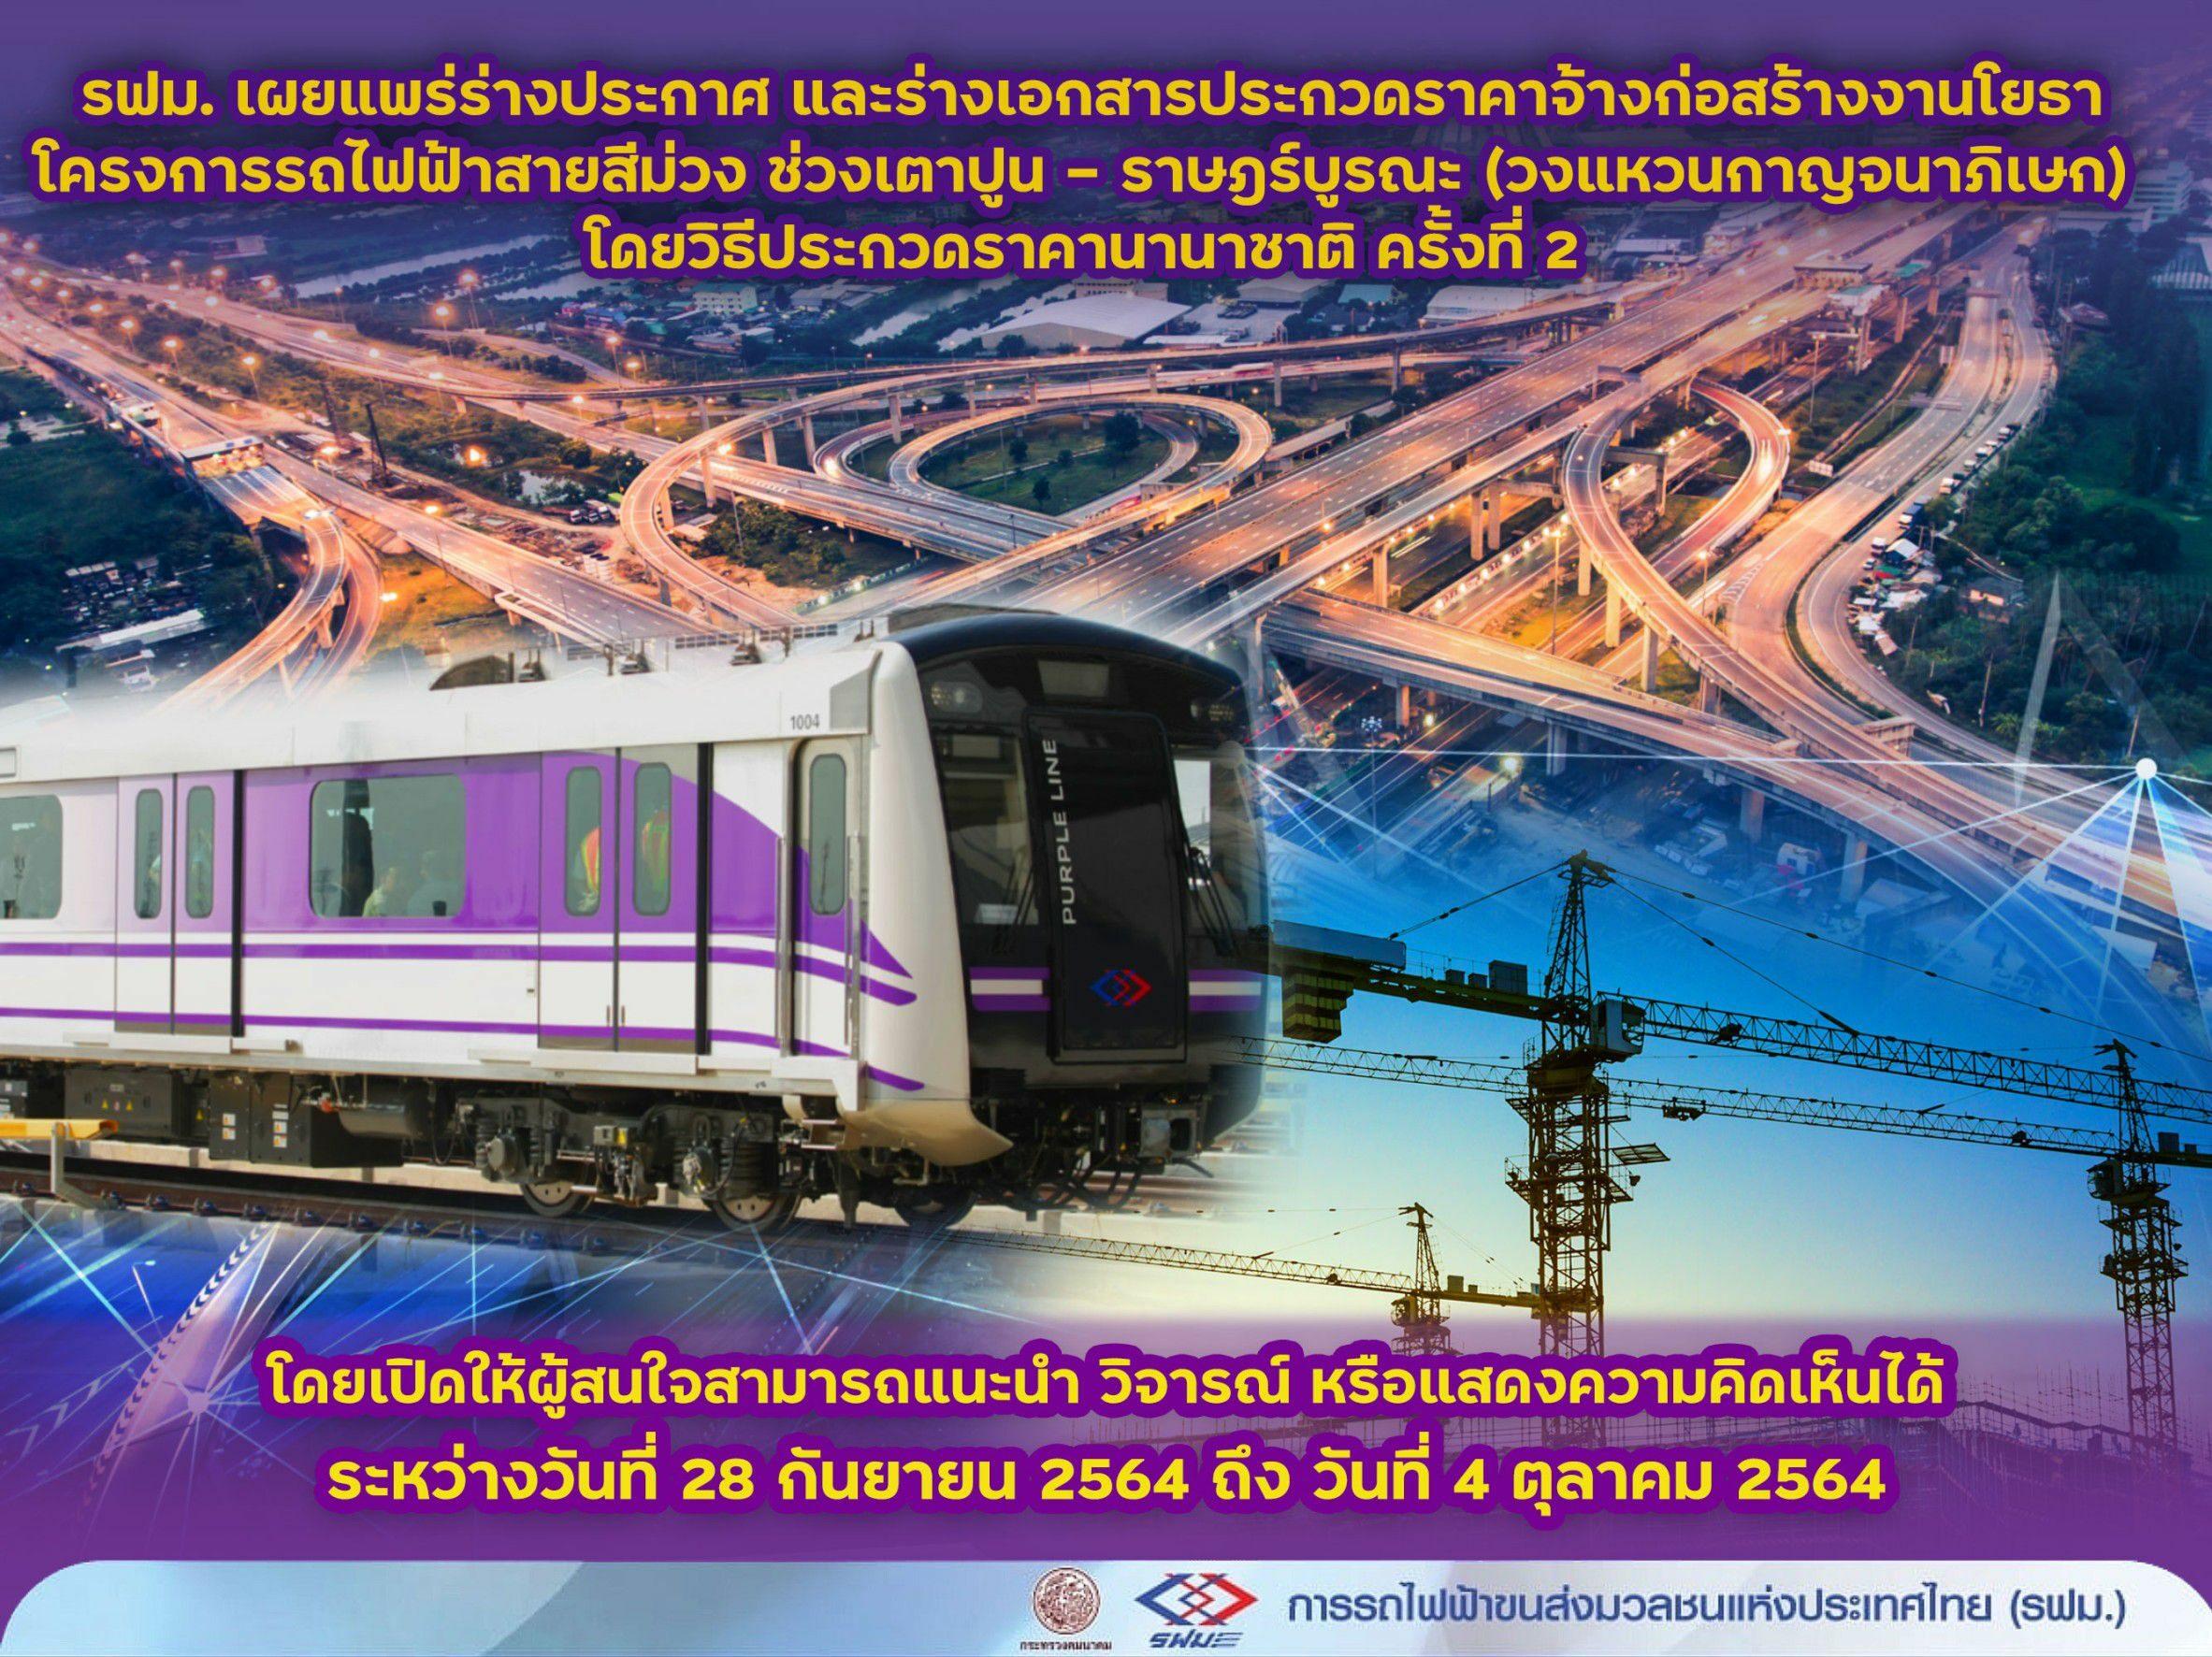 รฟม.เปิดร่างทีโออาร์รถไฟฟ้าสายสีม่วง ช่วงเตาปูน-ราษฎร์บูรณะ ก่อนลุยประมูลก่อสร้าง 6 สัญญา 7.8 หมื่นล้านบาท